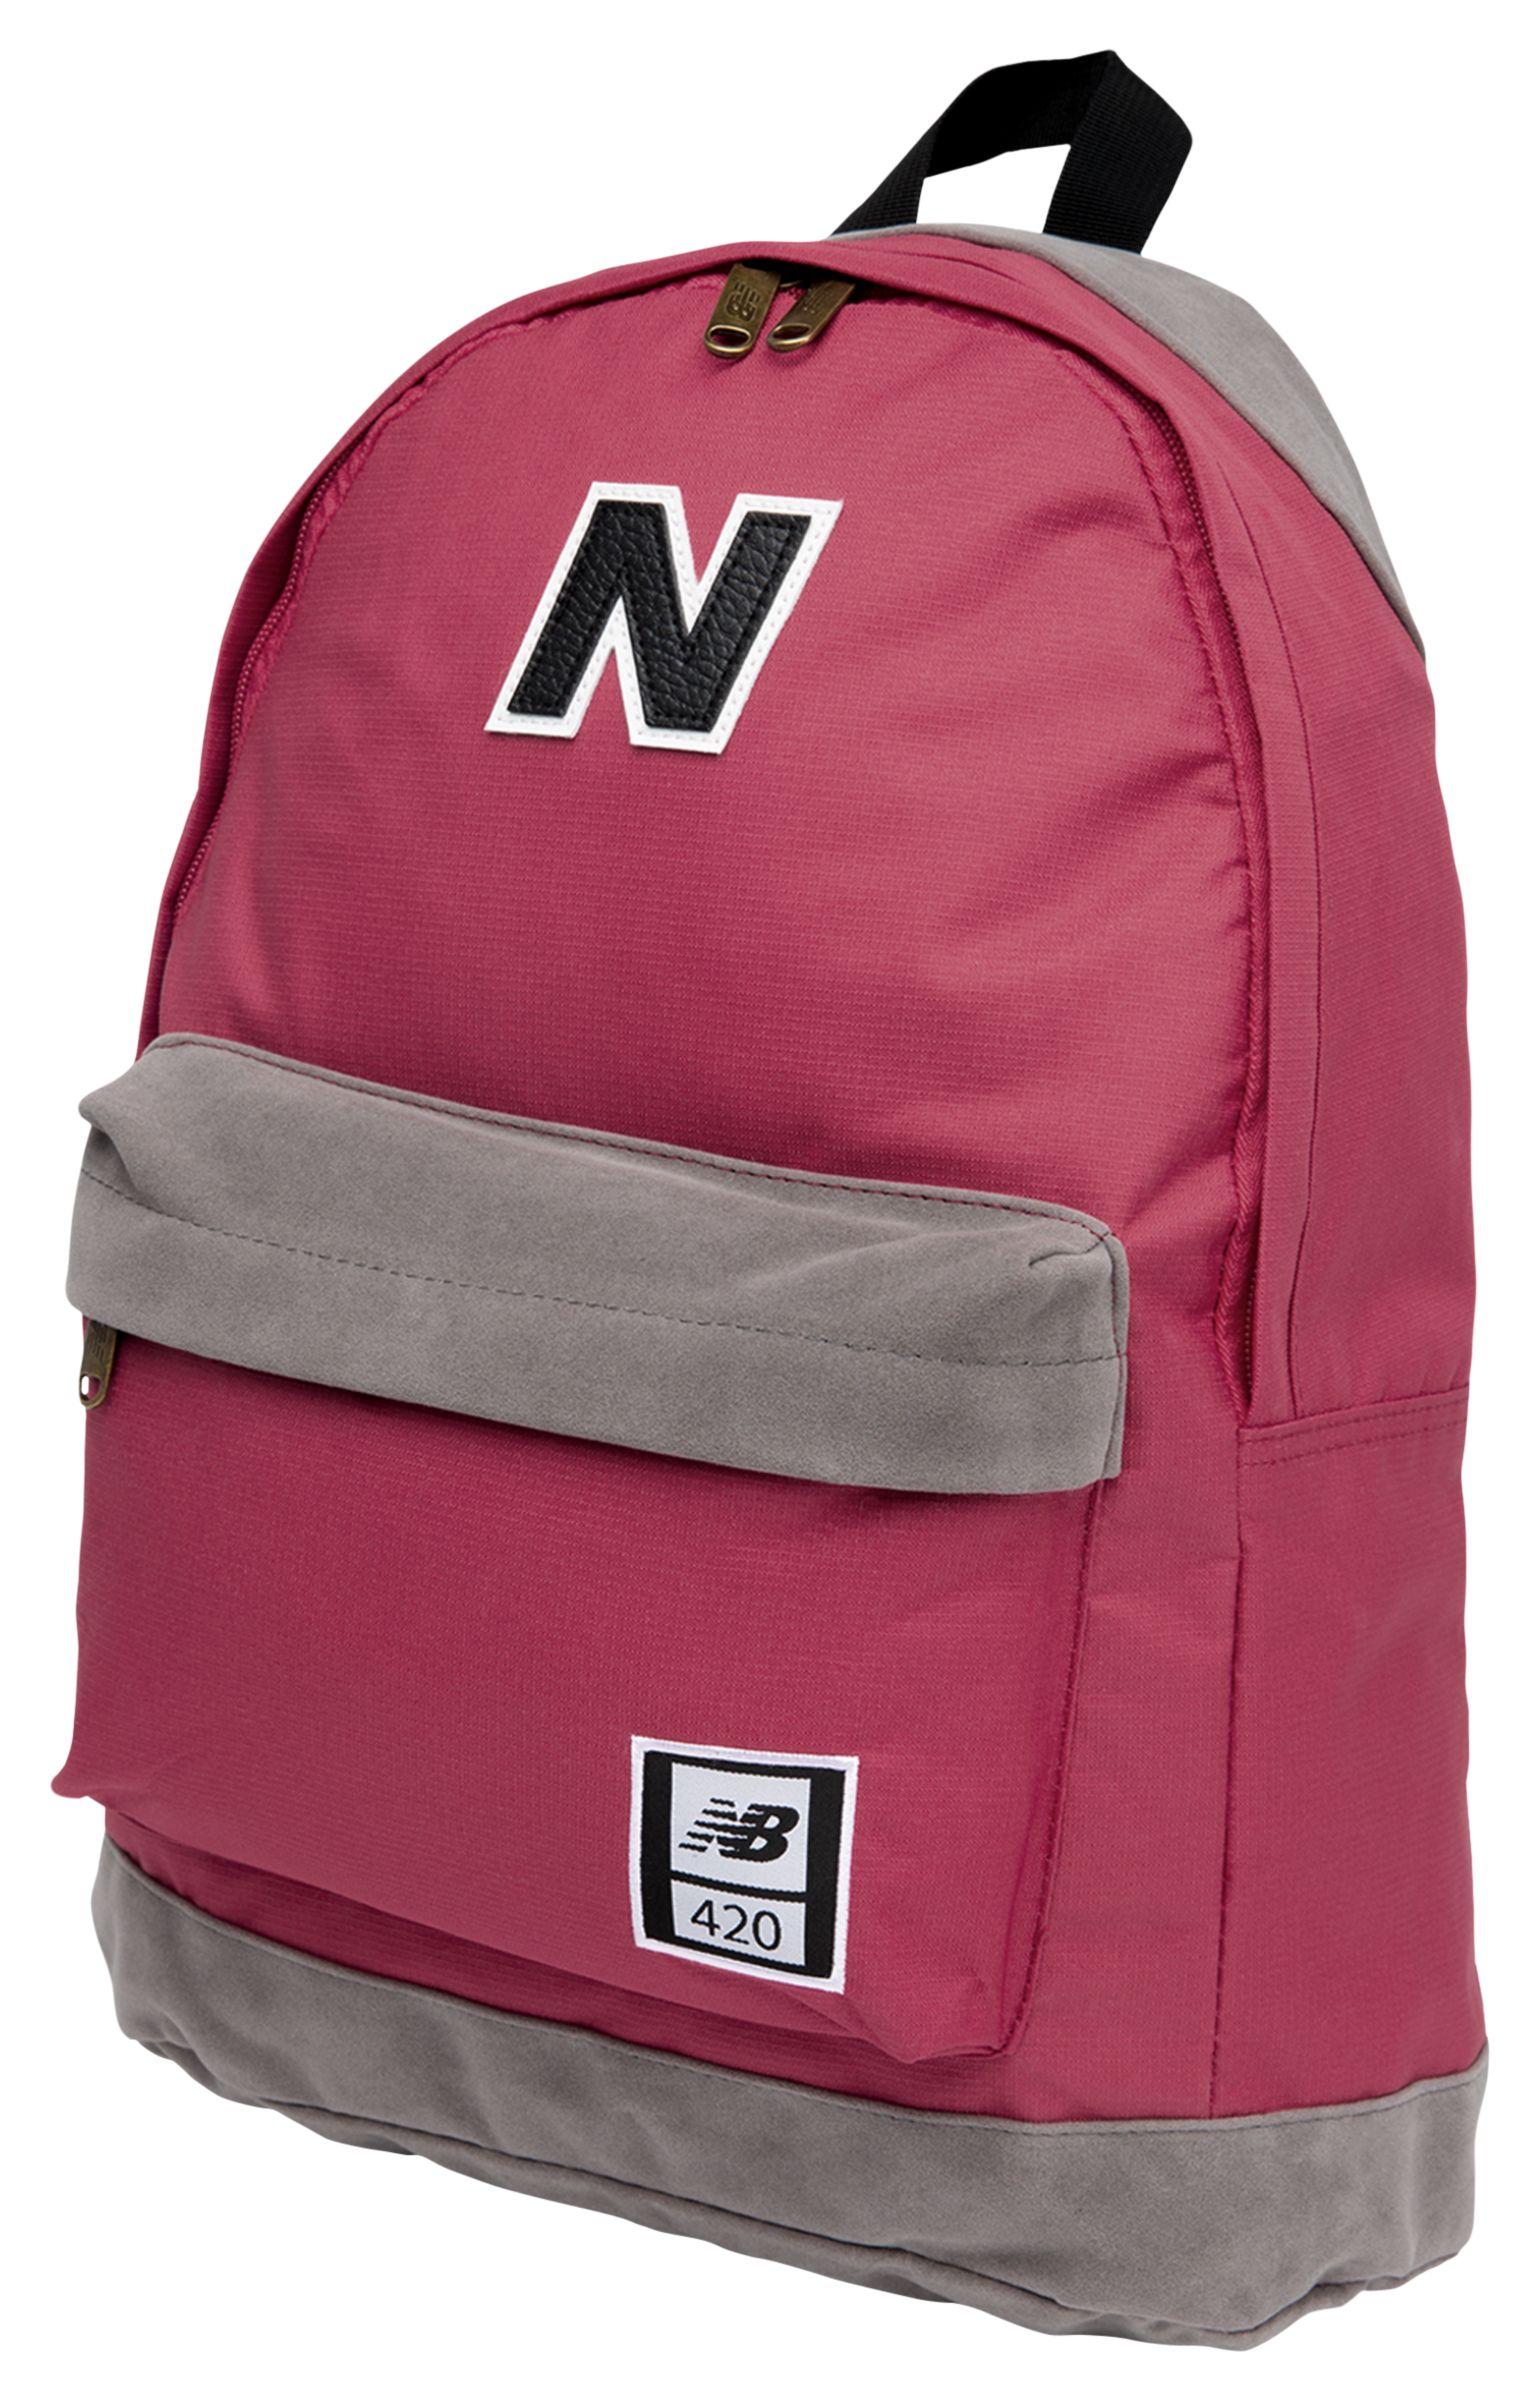 NB 420 Backpack, Burgundy